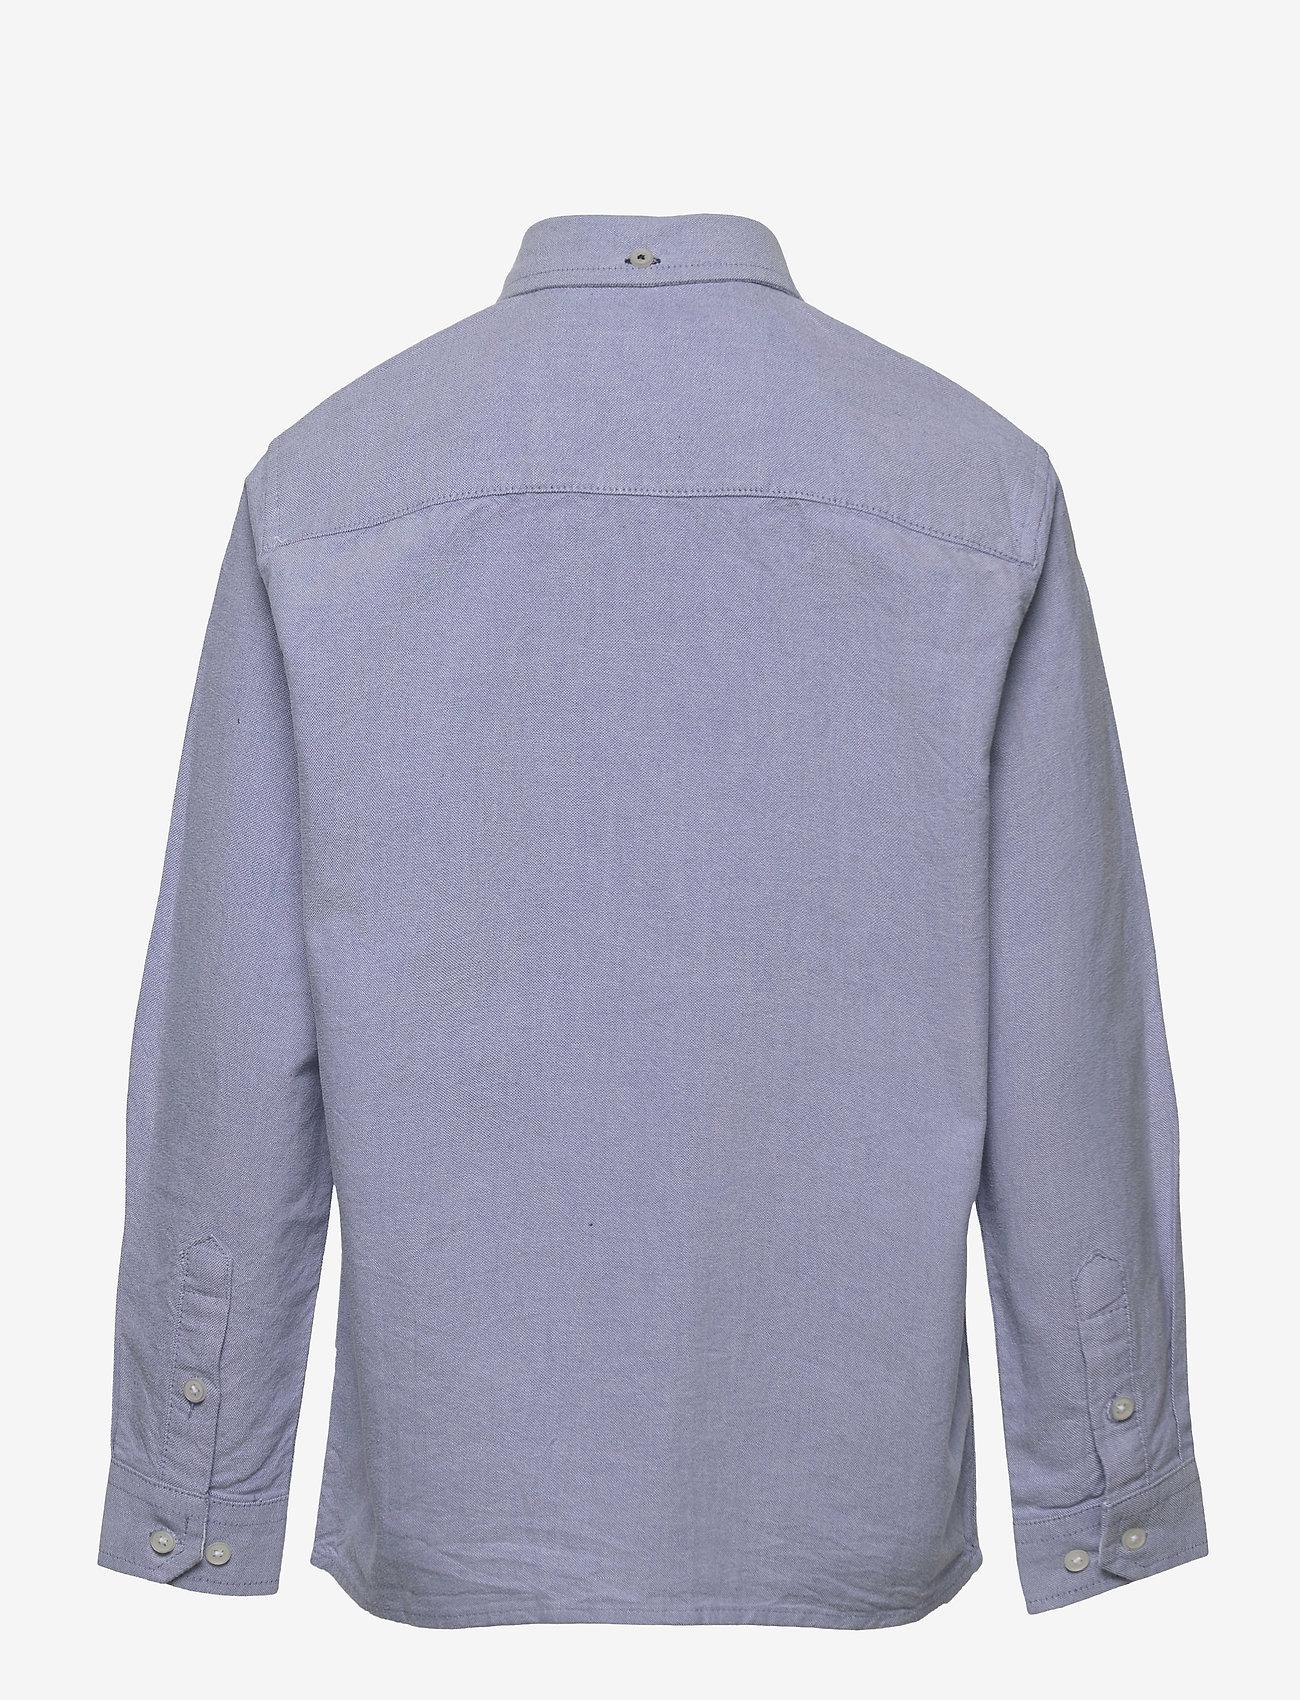 Kronstadt - Johan Oxford shirt - shirts - light blue - 1